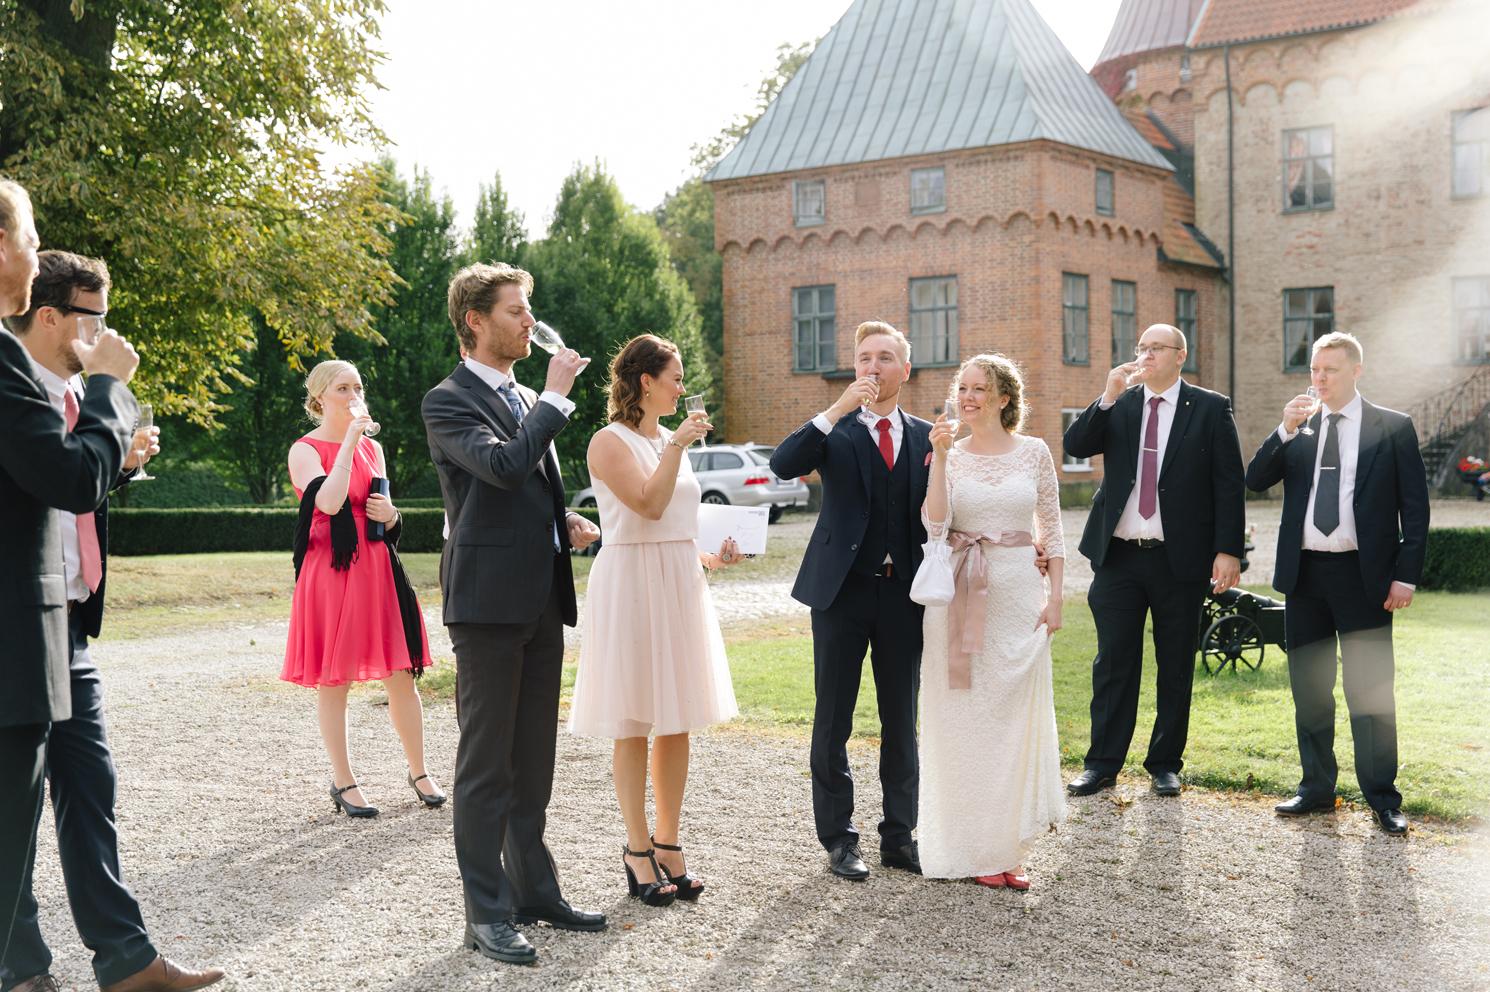 brollopsfotografering-maria-o-photo-vigsel-ortofta-slott-ortofta-kyrka-gratulationer-mingel-1